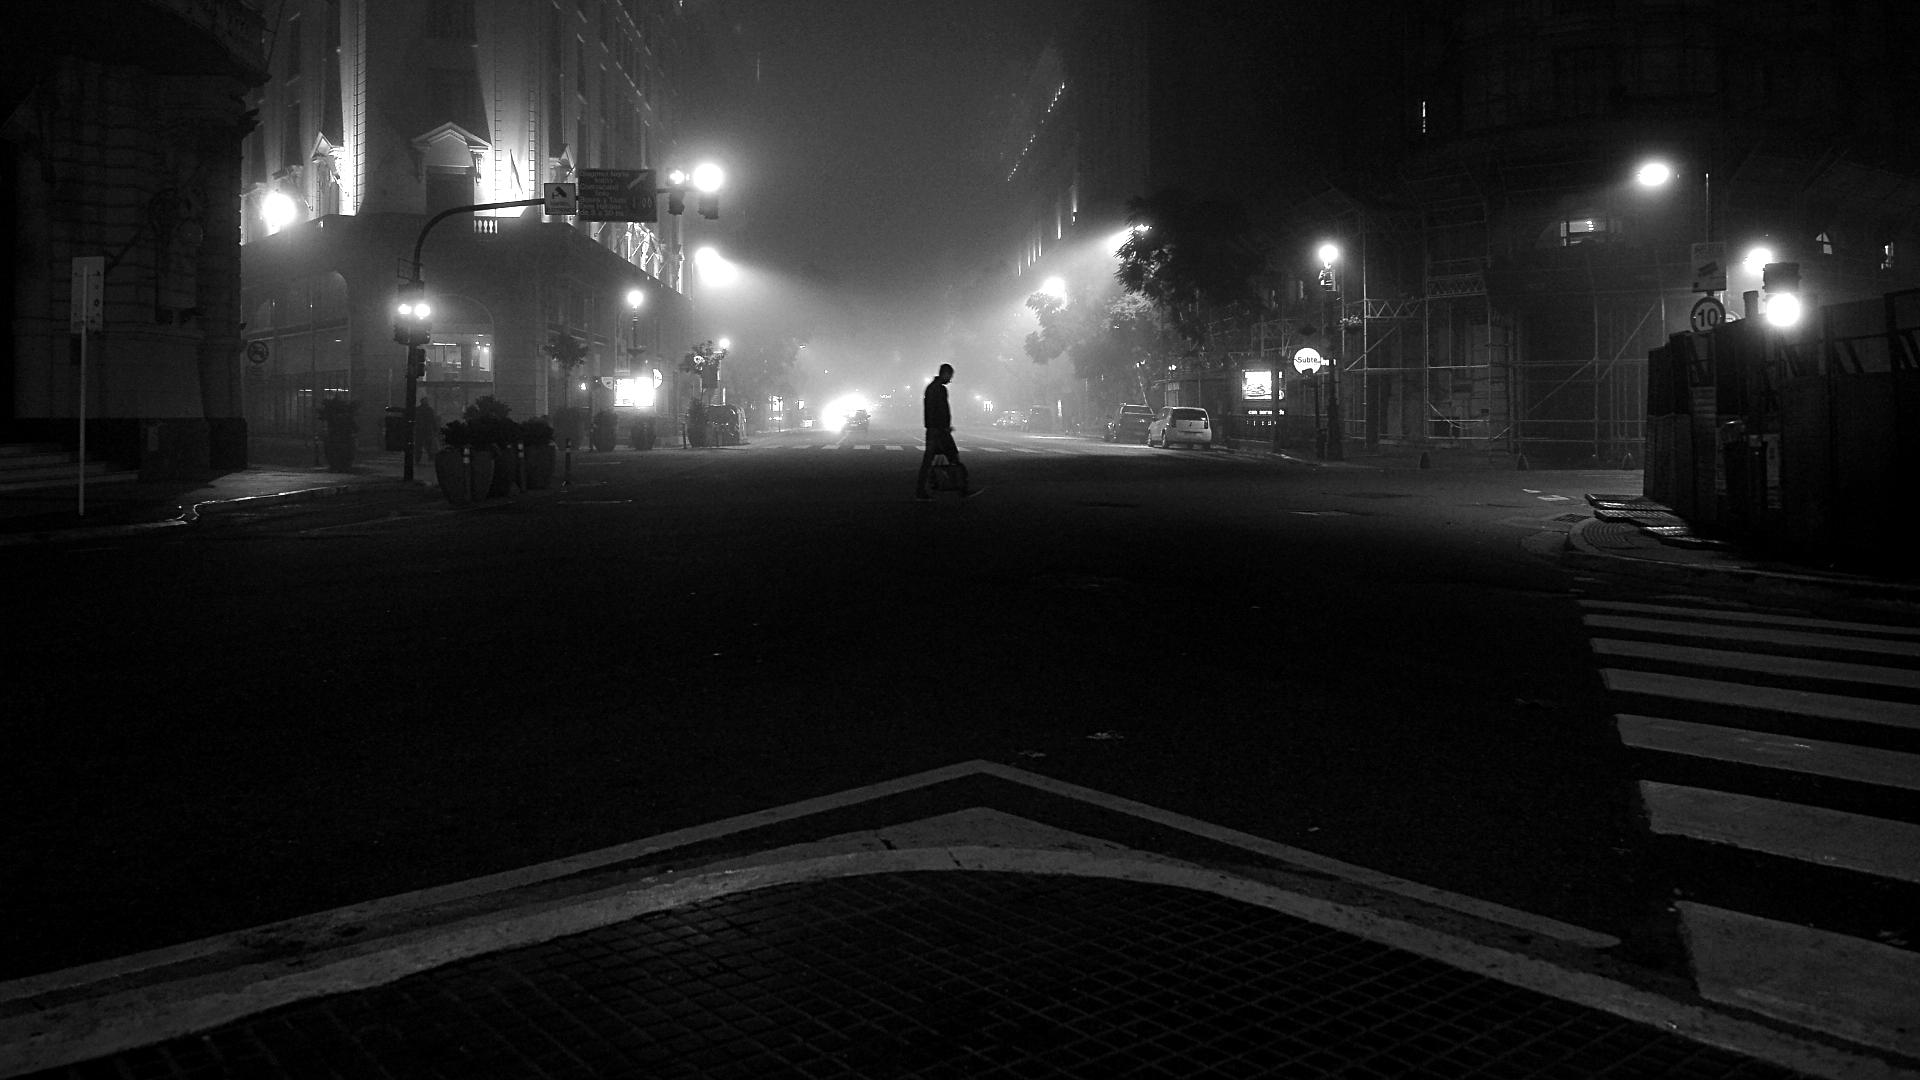 La ciudad de Buenos Aires cubierta por la neblina. Diagonal Norte desde Plaza de Mayo hacia el Obelisco (Gustavo Gavotti)